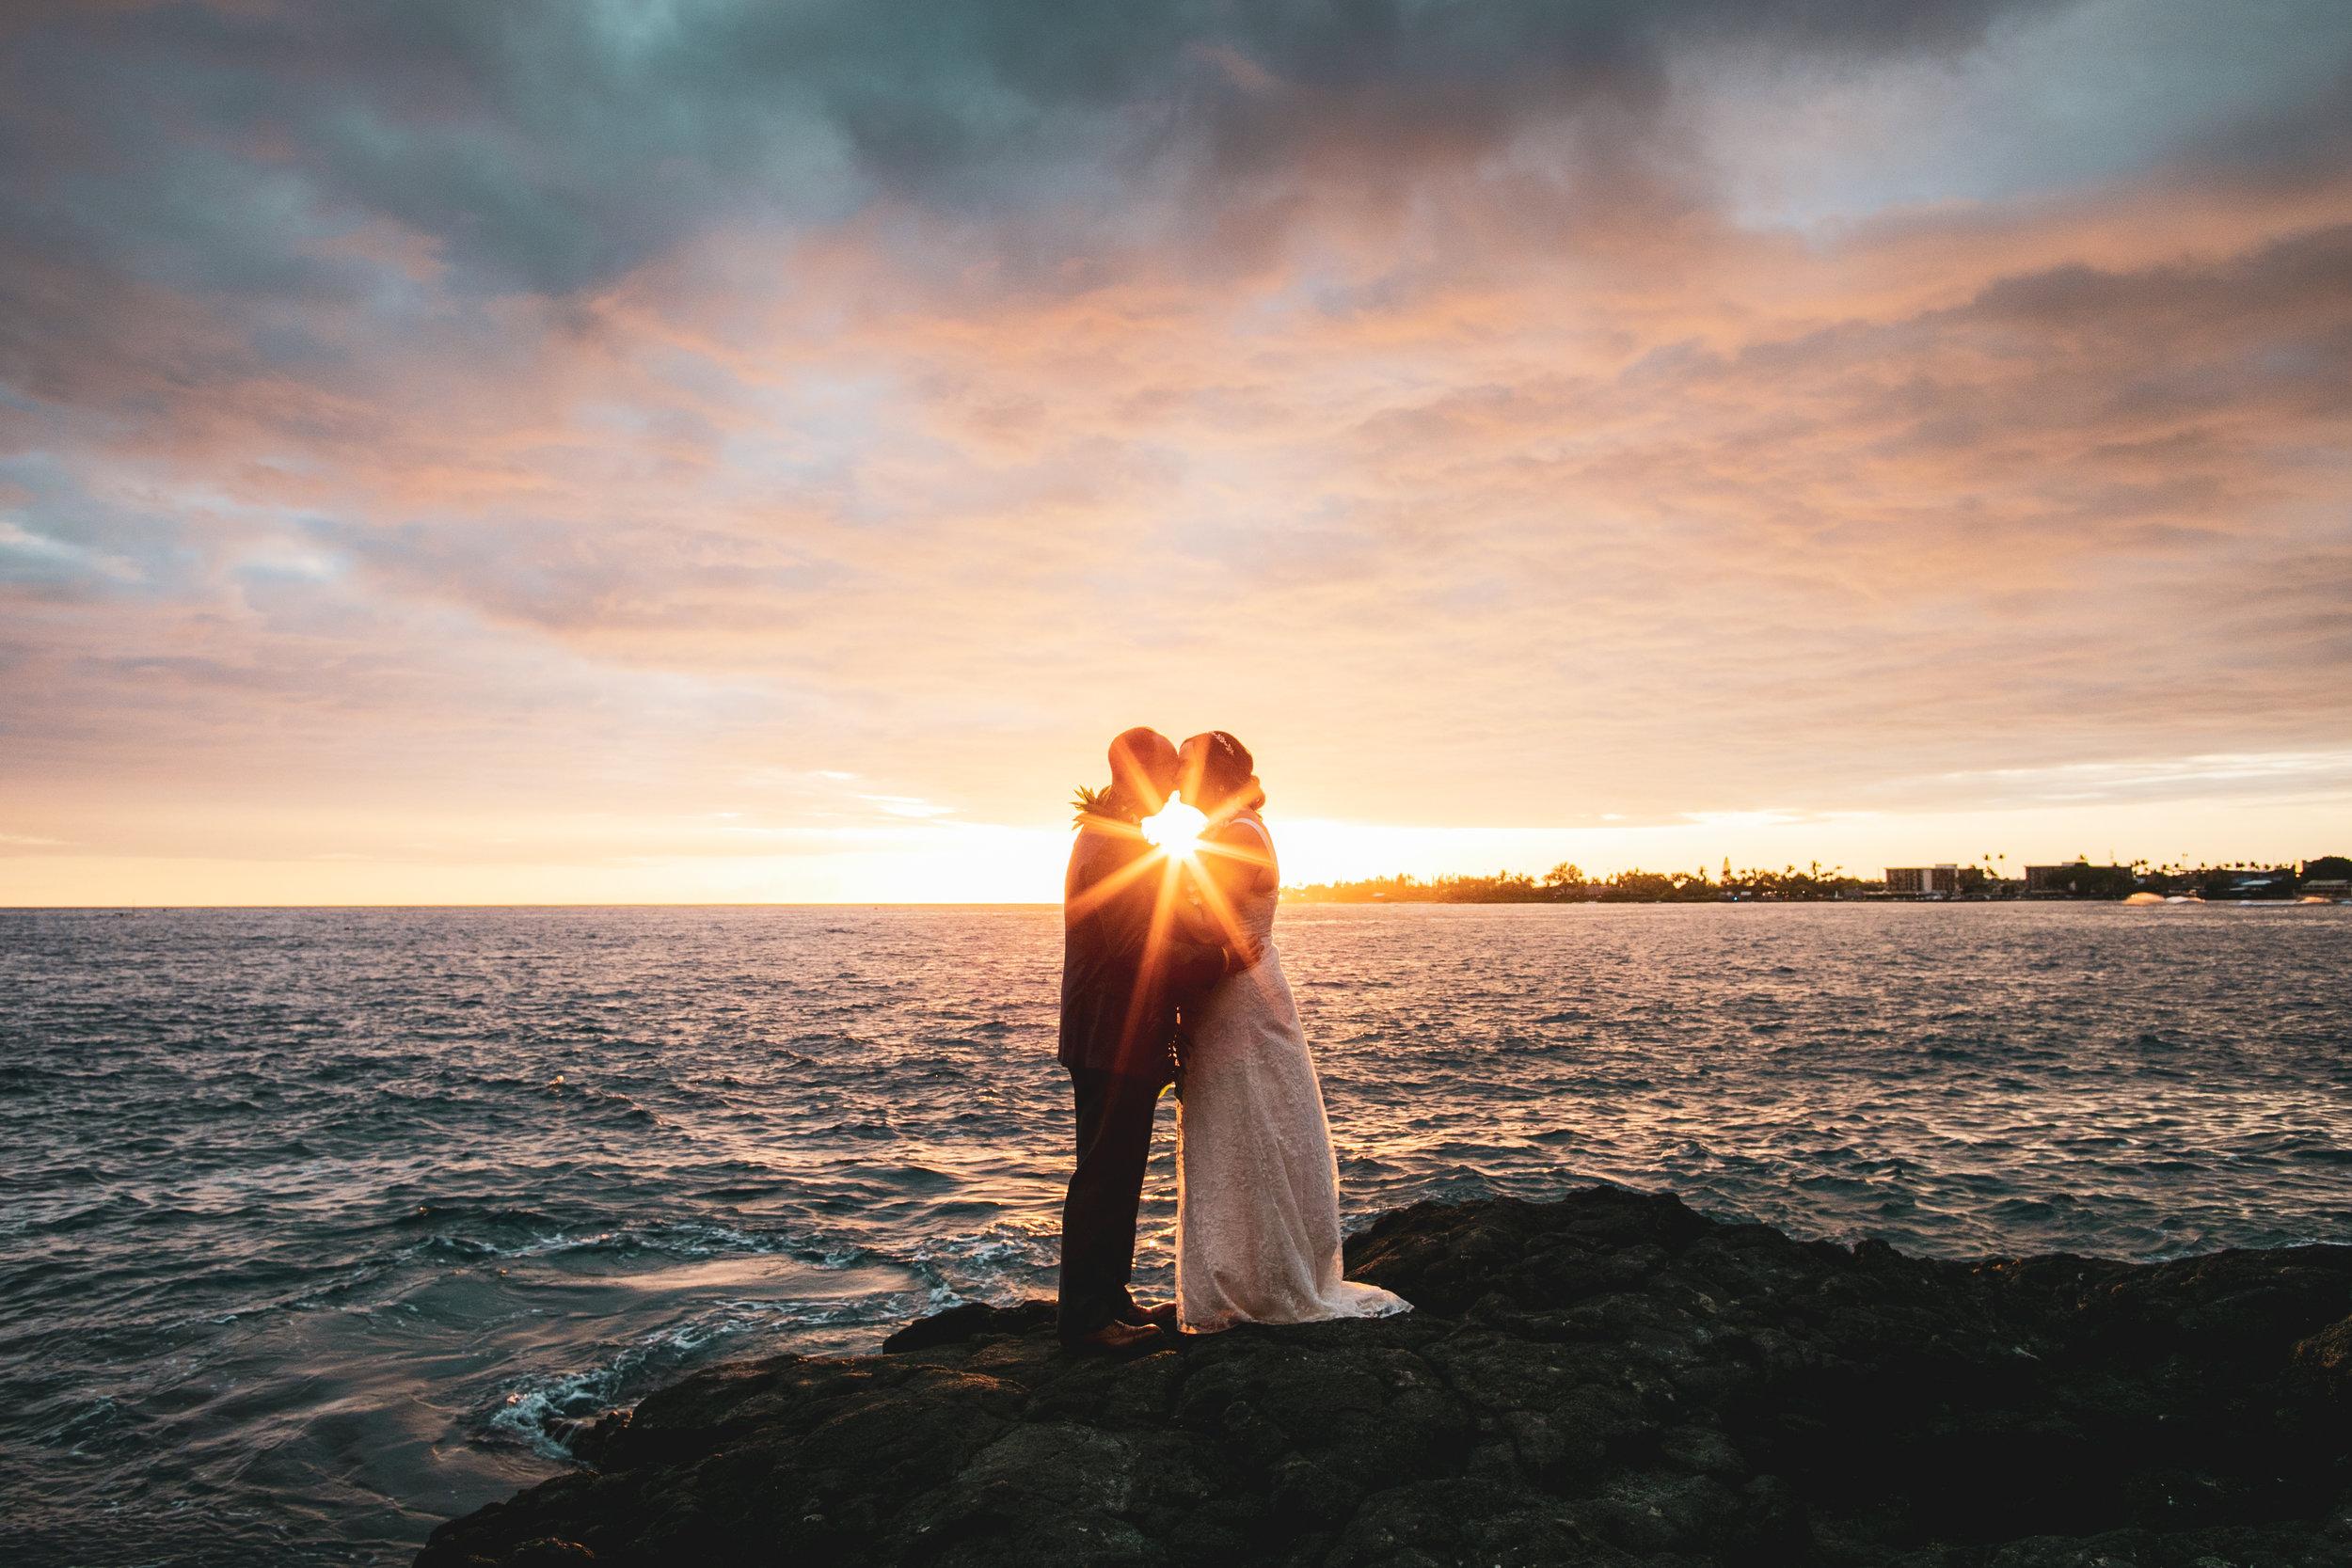 big island hawaii royal kona resort beach wedding kelilina photography 20190620185329-1.jpg